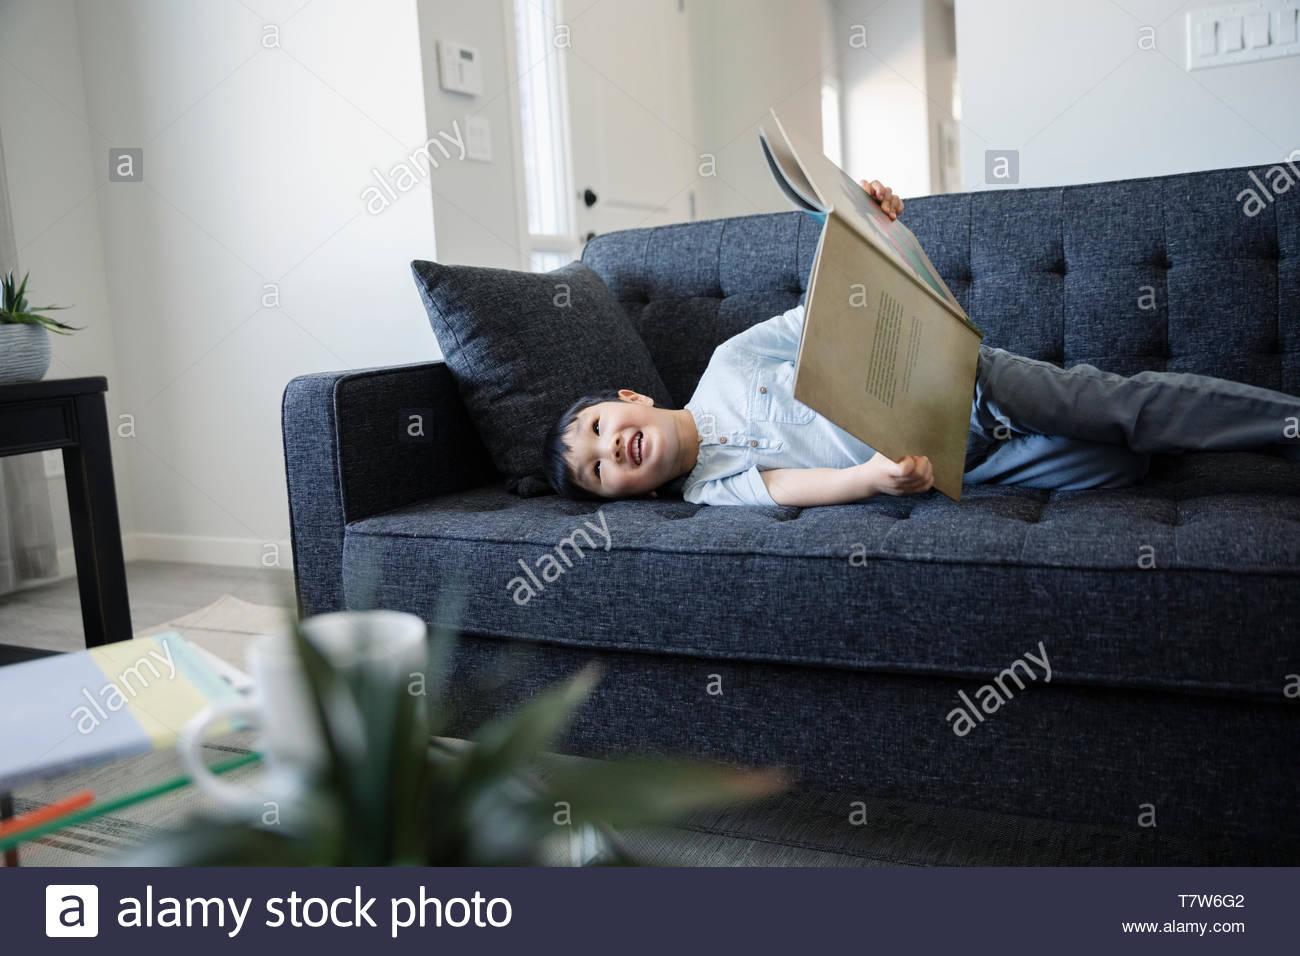 Cute boy lesen Buch auf dem Sofa im Wohnzimmer Stockbild